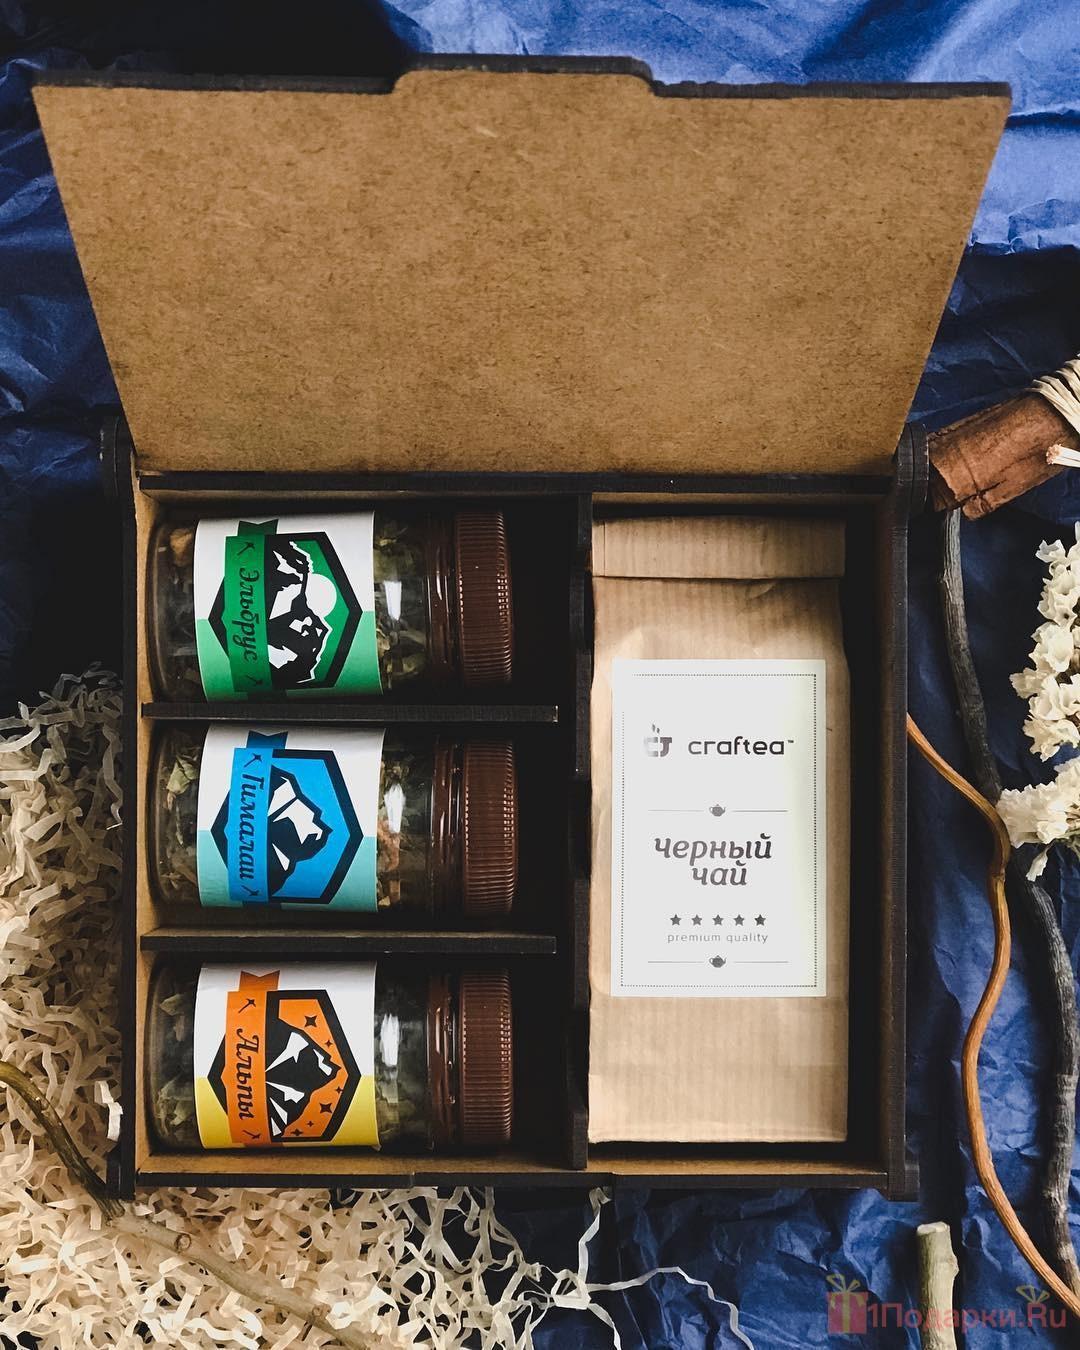 чайный набор в подарок и что подарить близкому человеку